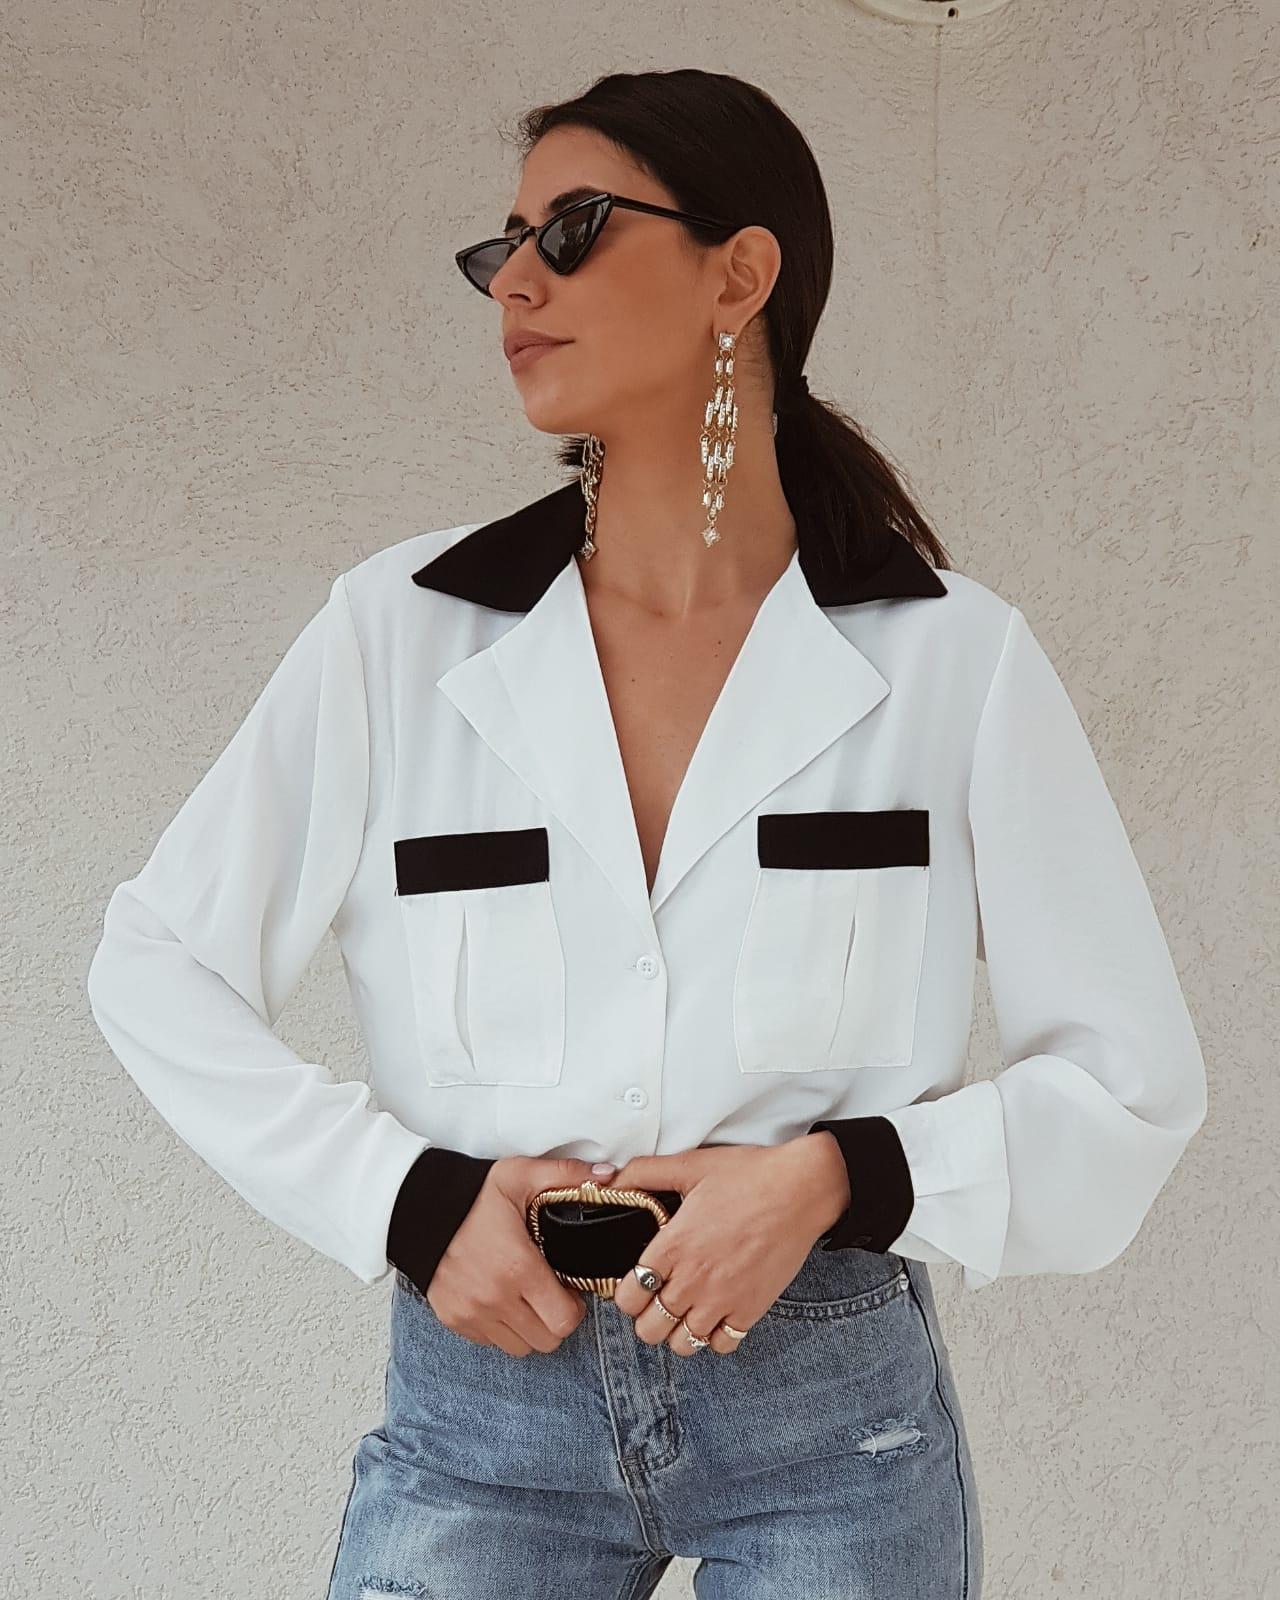 חולצת צווארון שחור לבן  - גוון לבן